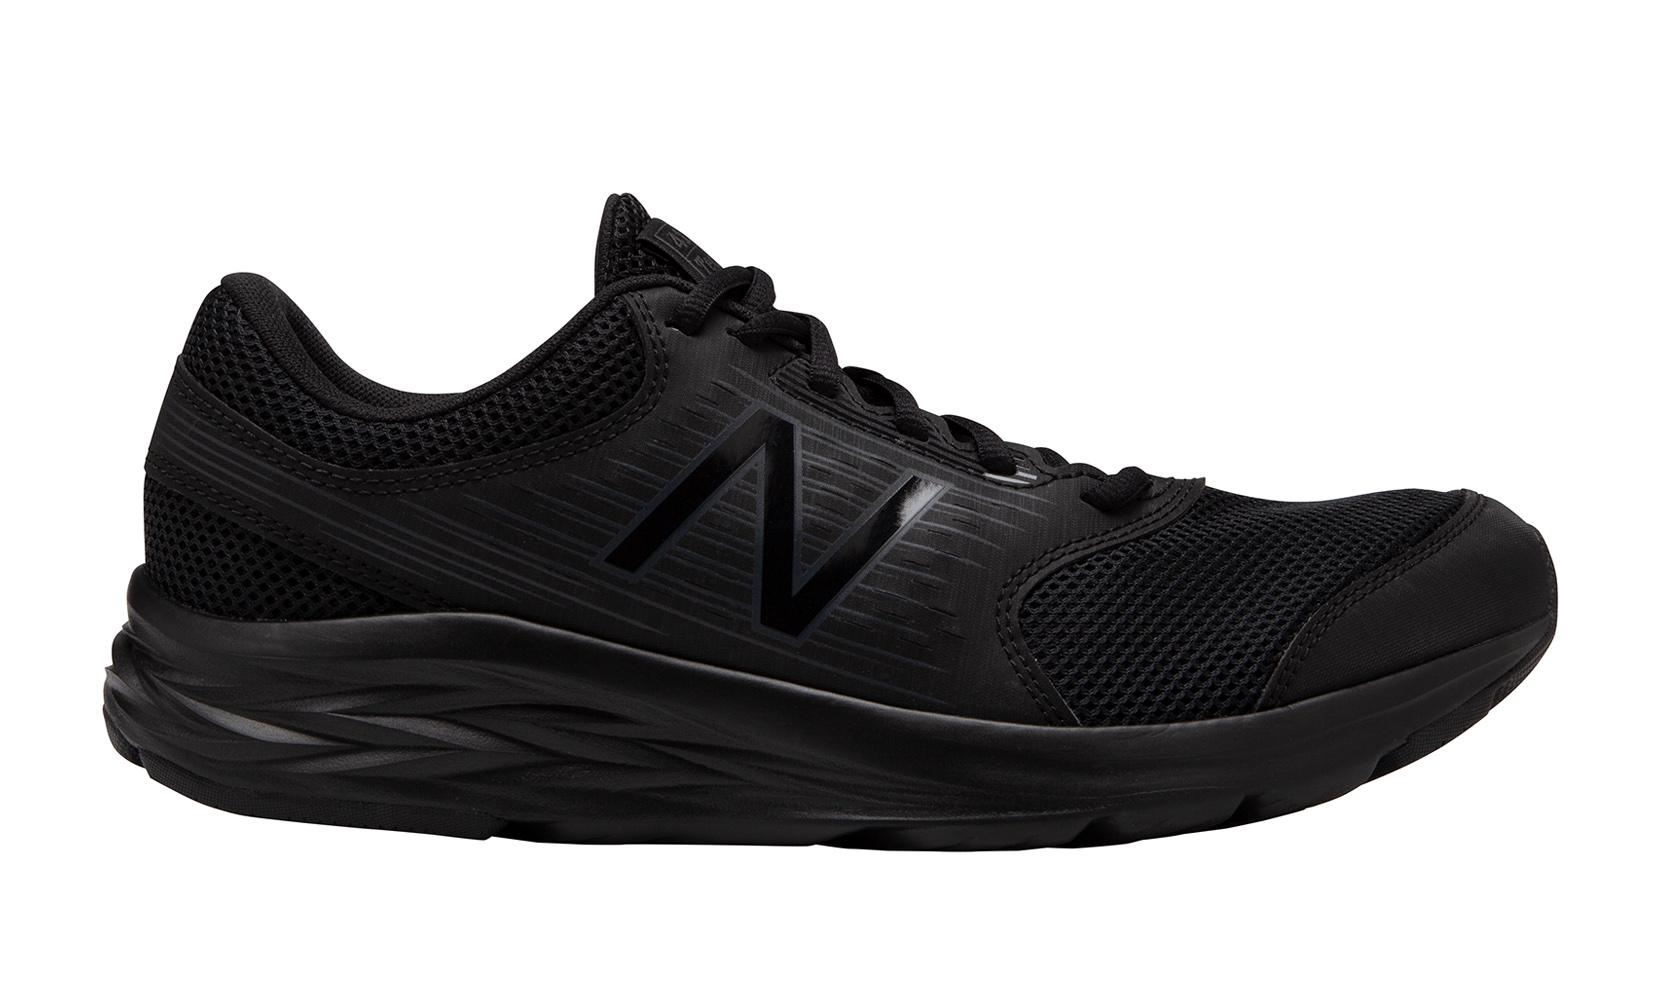 Чоловіче взуття для бігу New Balance 411 TechRide v1 M411CK1 | New Balance